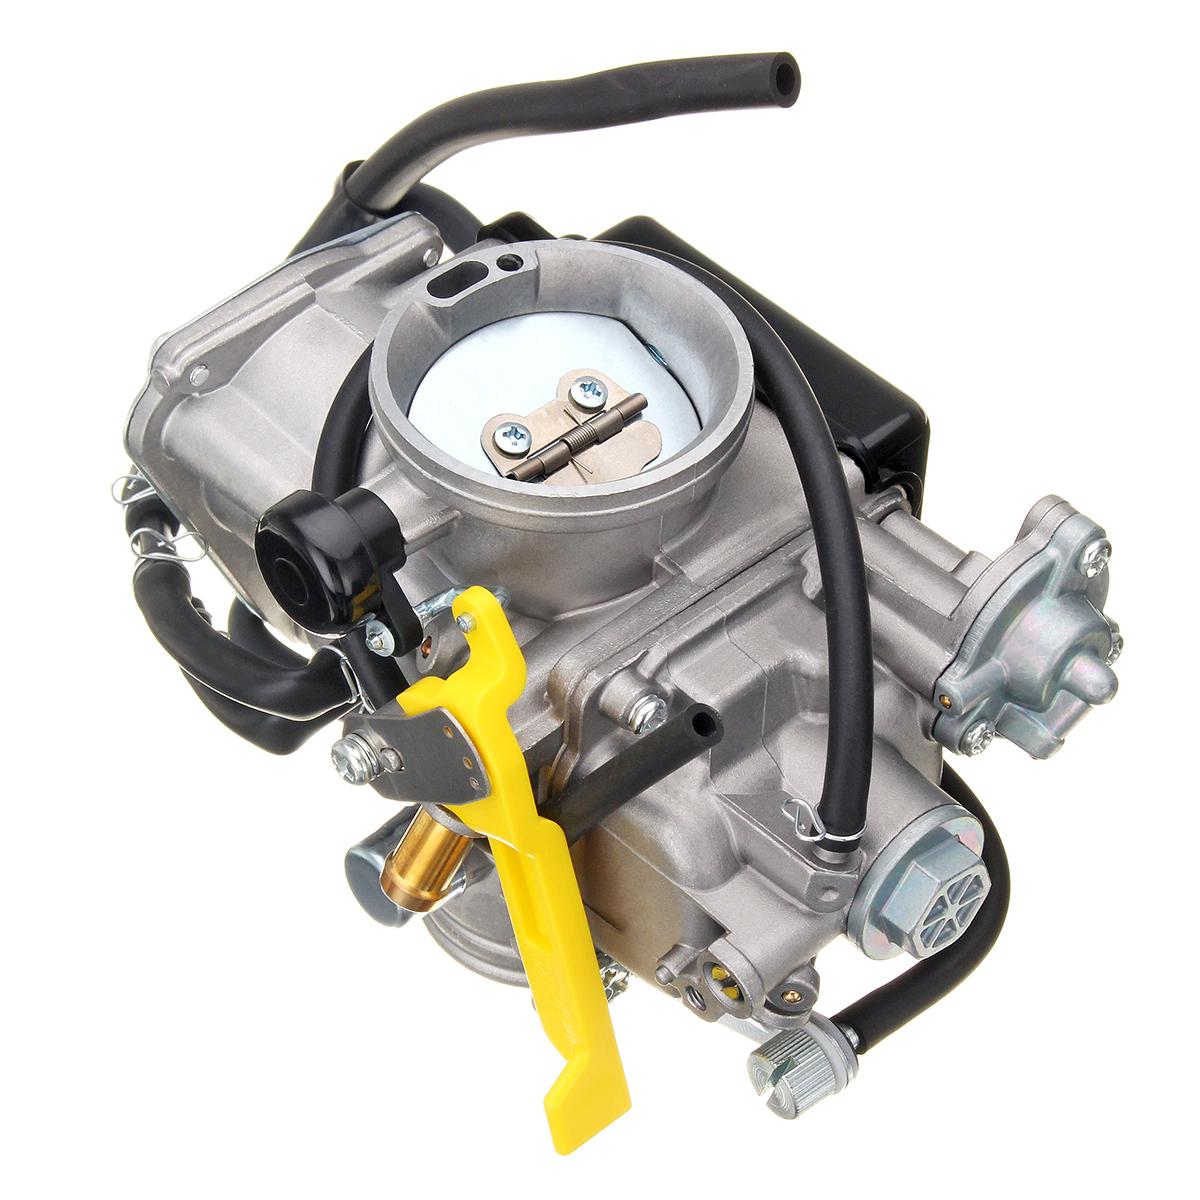 Carburetor Carb For Honda TRX 400 OEM Sportrax 400 16100-HN1-A43 1999-2015